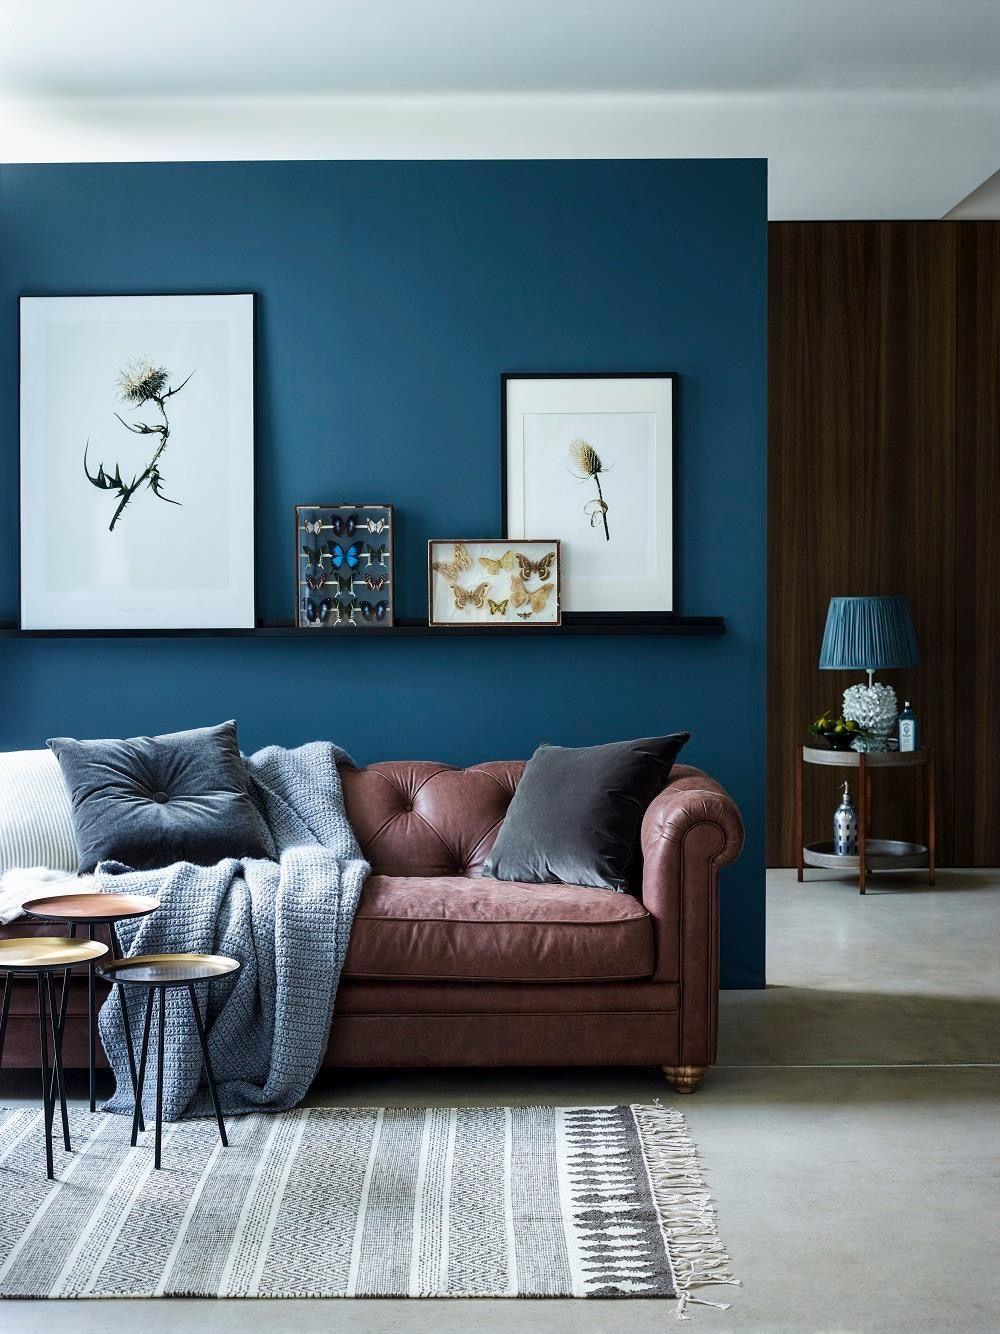 Avslappnande blågrönt och brunt vardagsrum